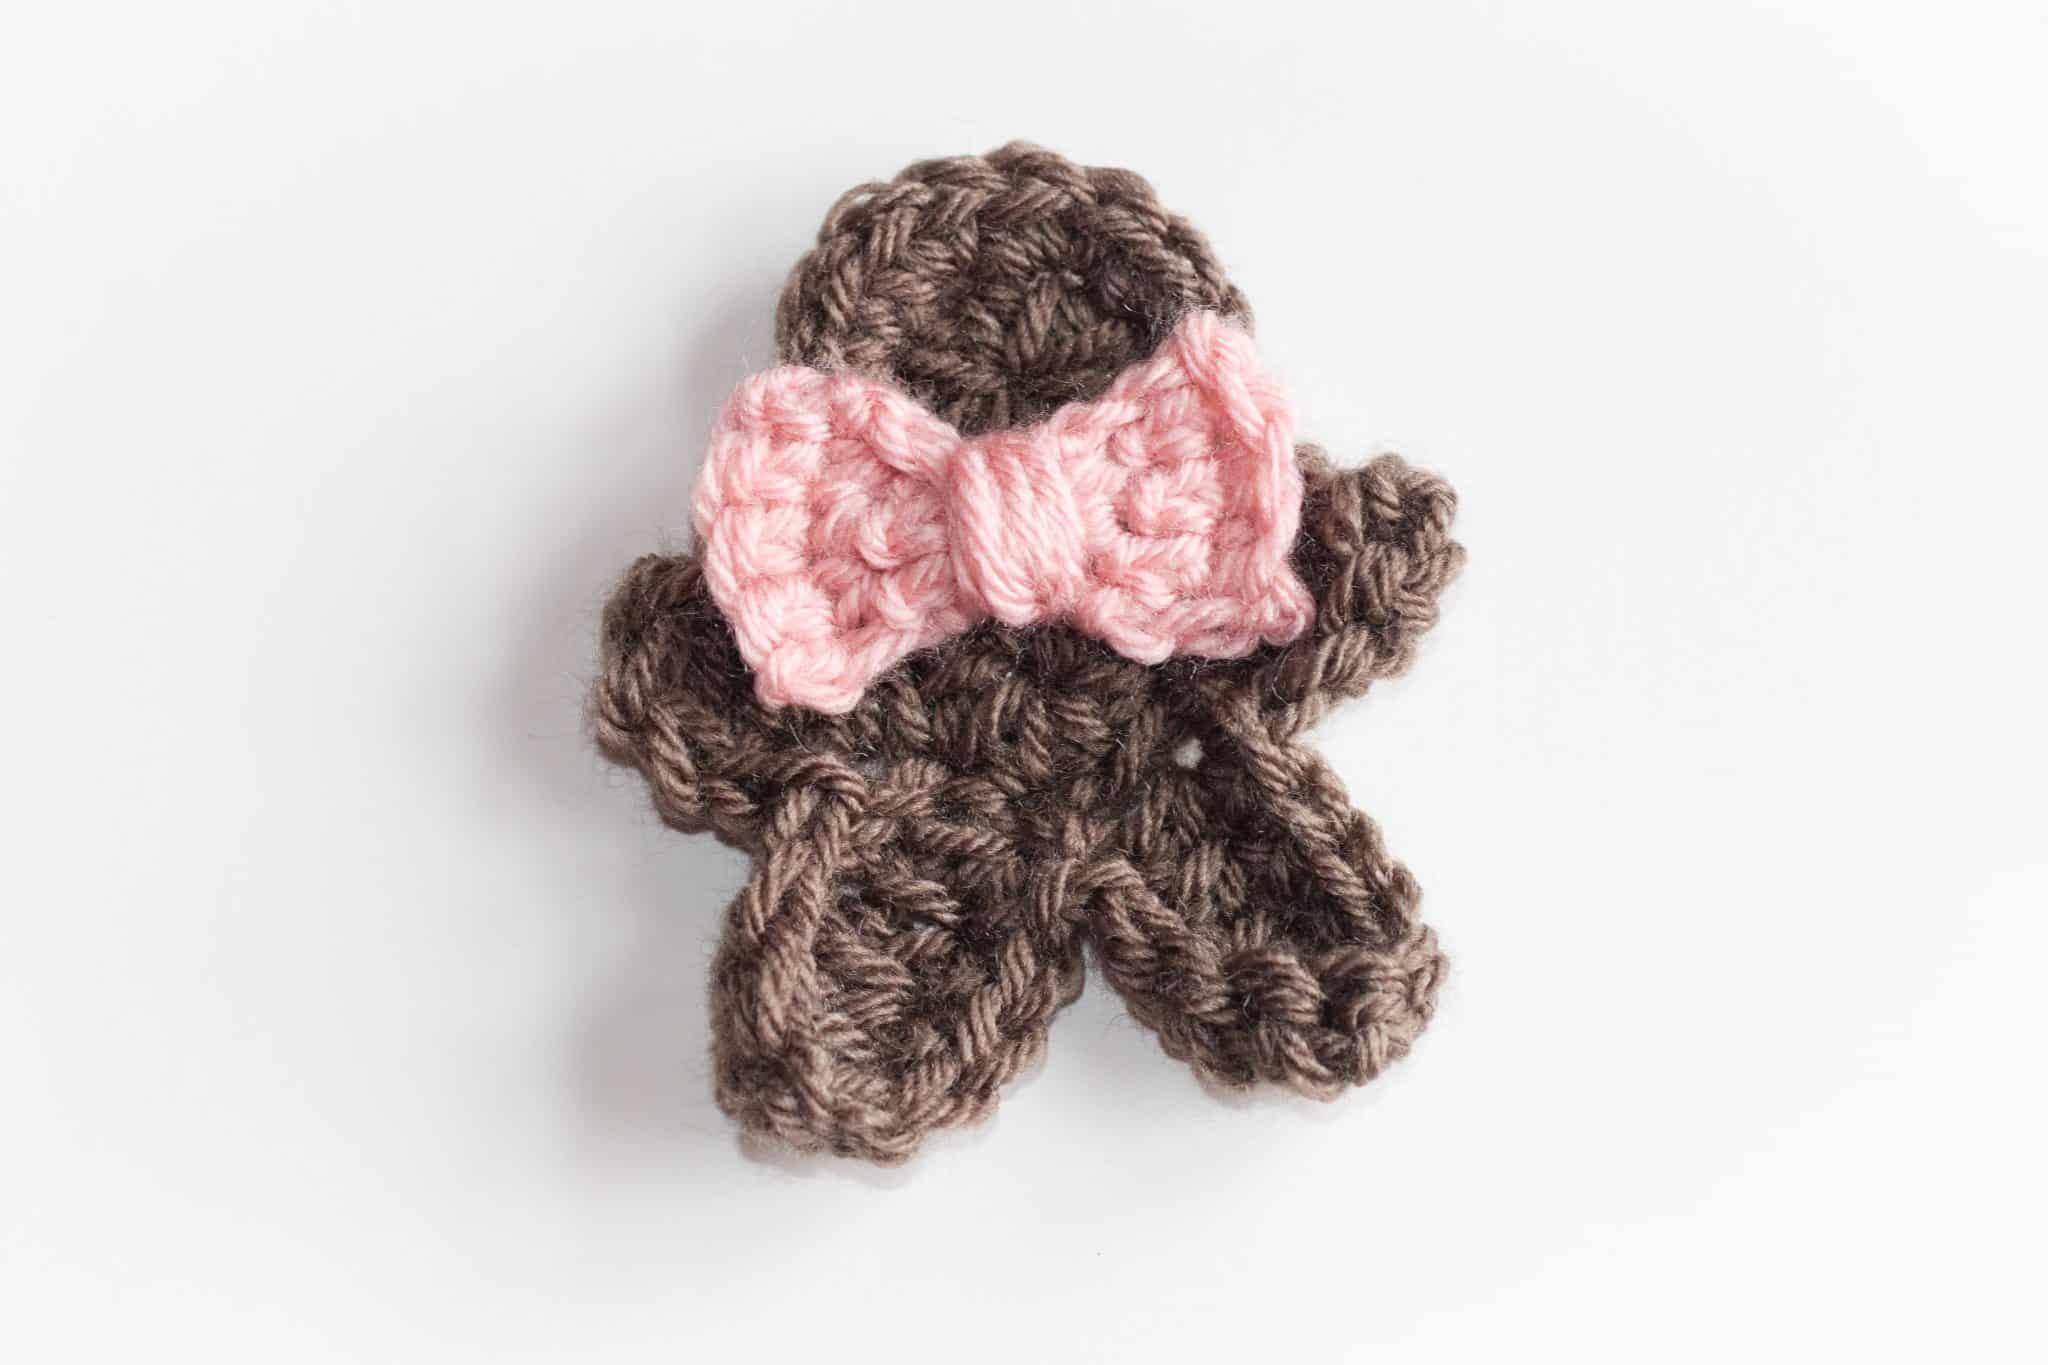 Gingerbread Crochet Man Pattern